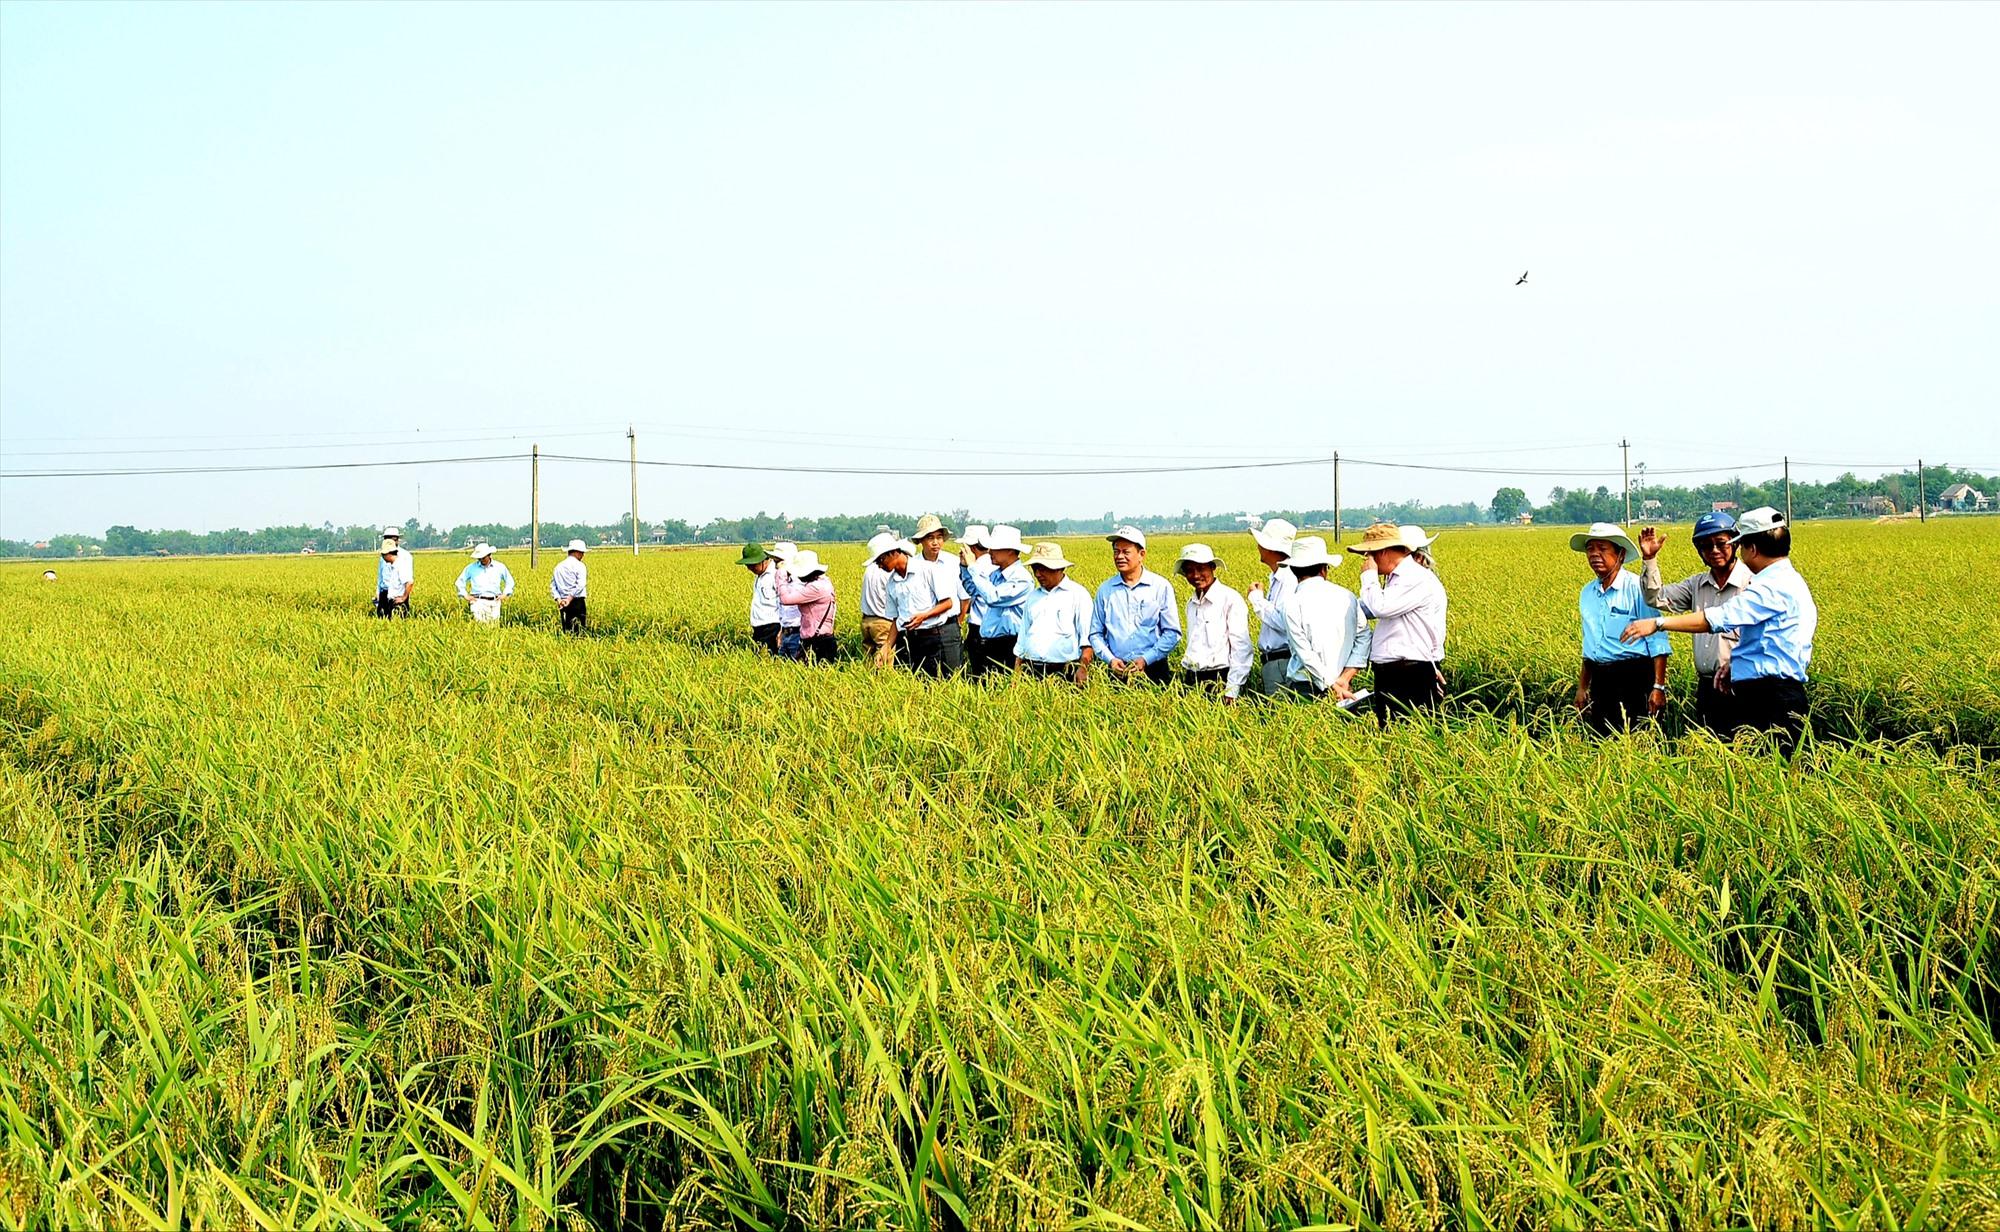 Thời gian tới, phải đẩy mạnh liên kết sản xuất nông nghiệp theo chuỗi giá trị để tạo đầu ra cho nông sản và nâng cao hiệu quả kinh tế cho nông dân.  Ảnh: VĂN SỰ